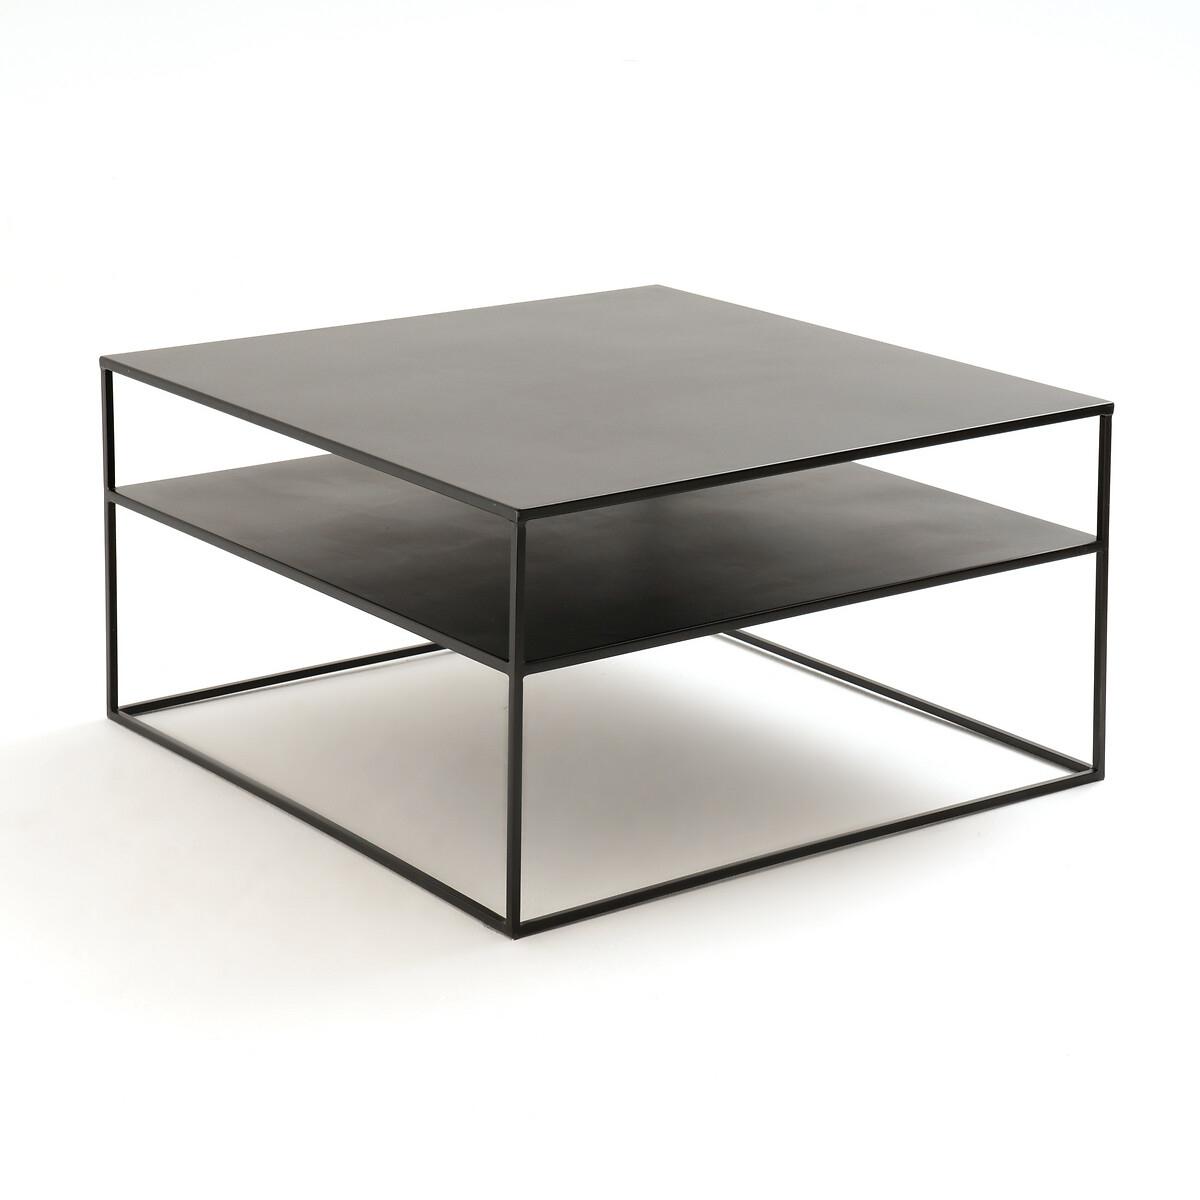 Столик LaRedoute Журнальный квадратный из стали Hiba единый размер черный